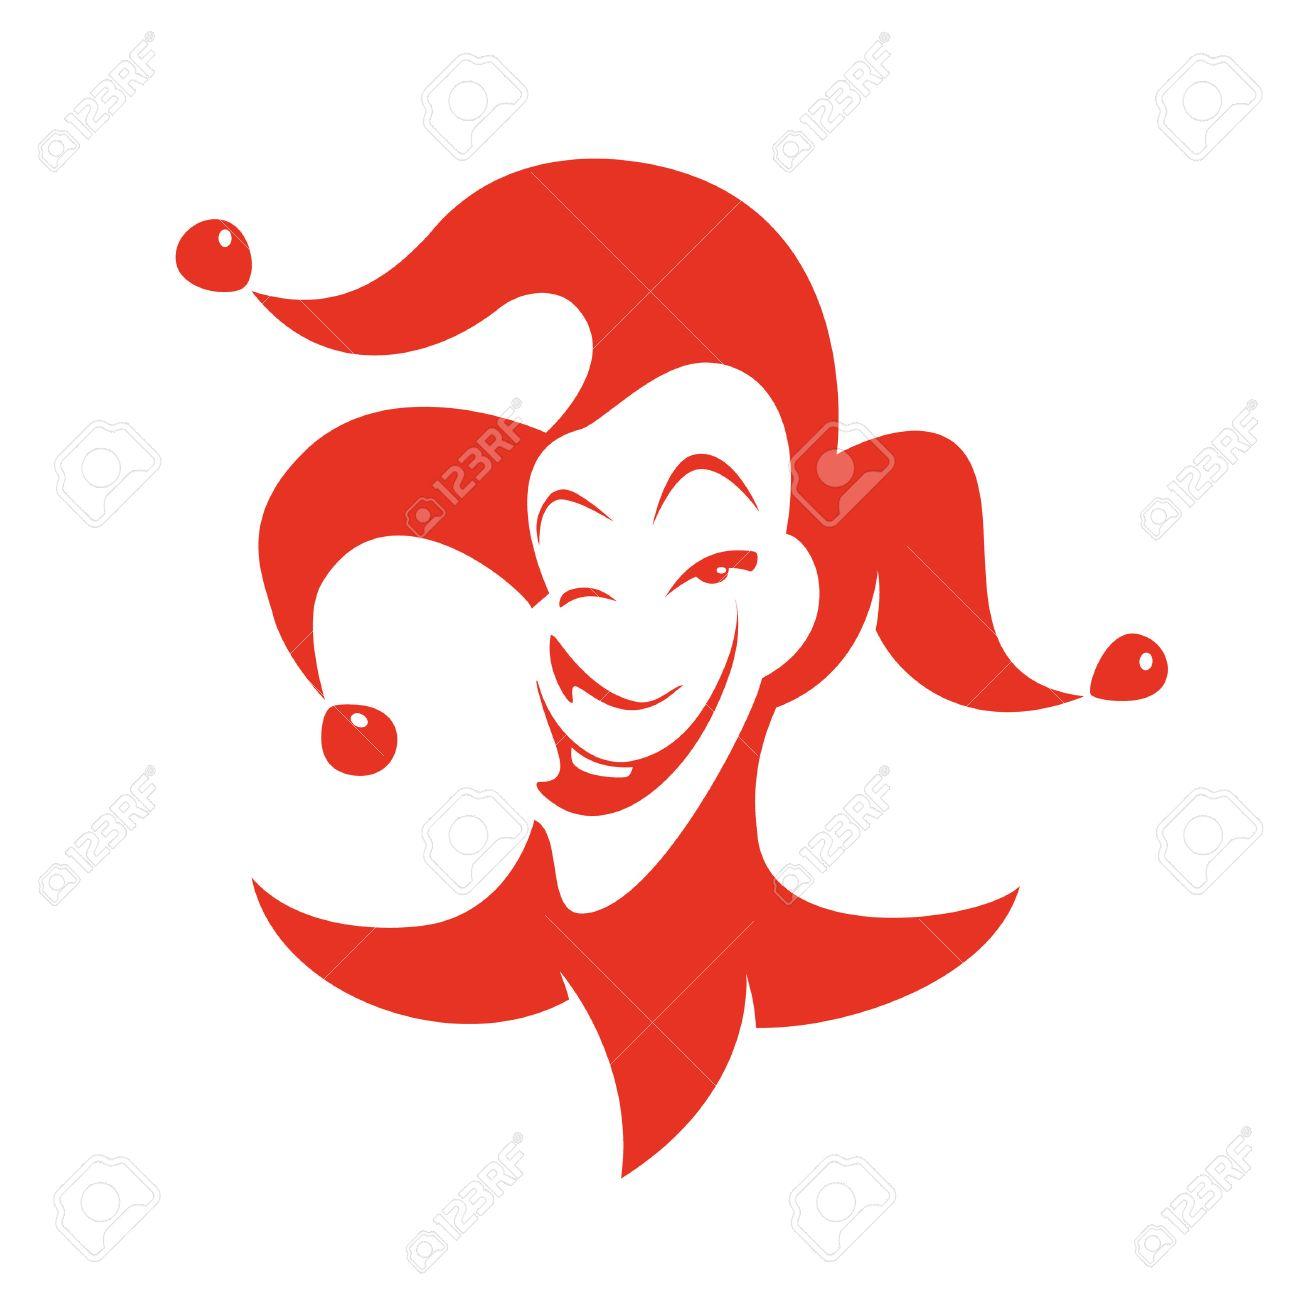 Joker Rouge Avec Un Regard Ruse Et Sourire Vecteur Dessine A La